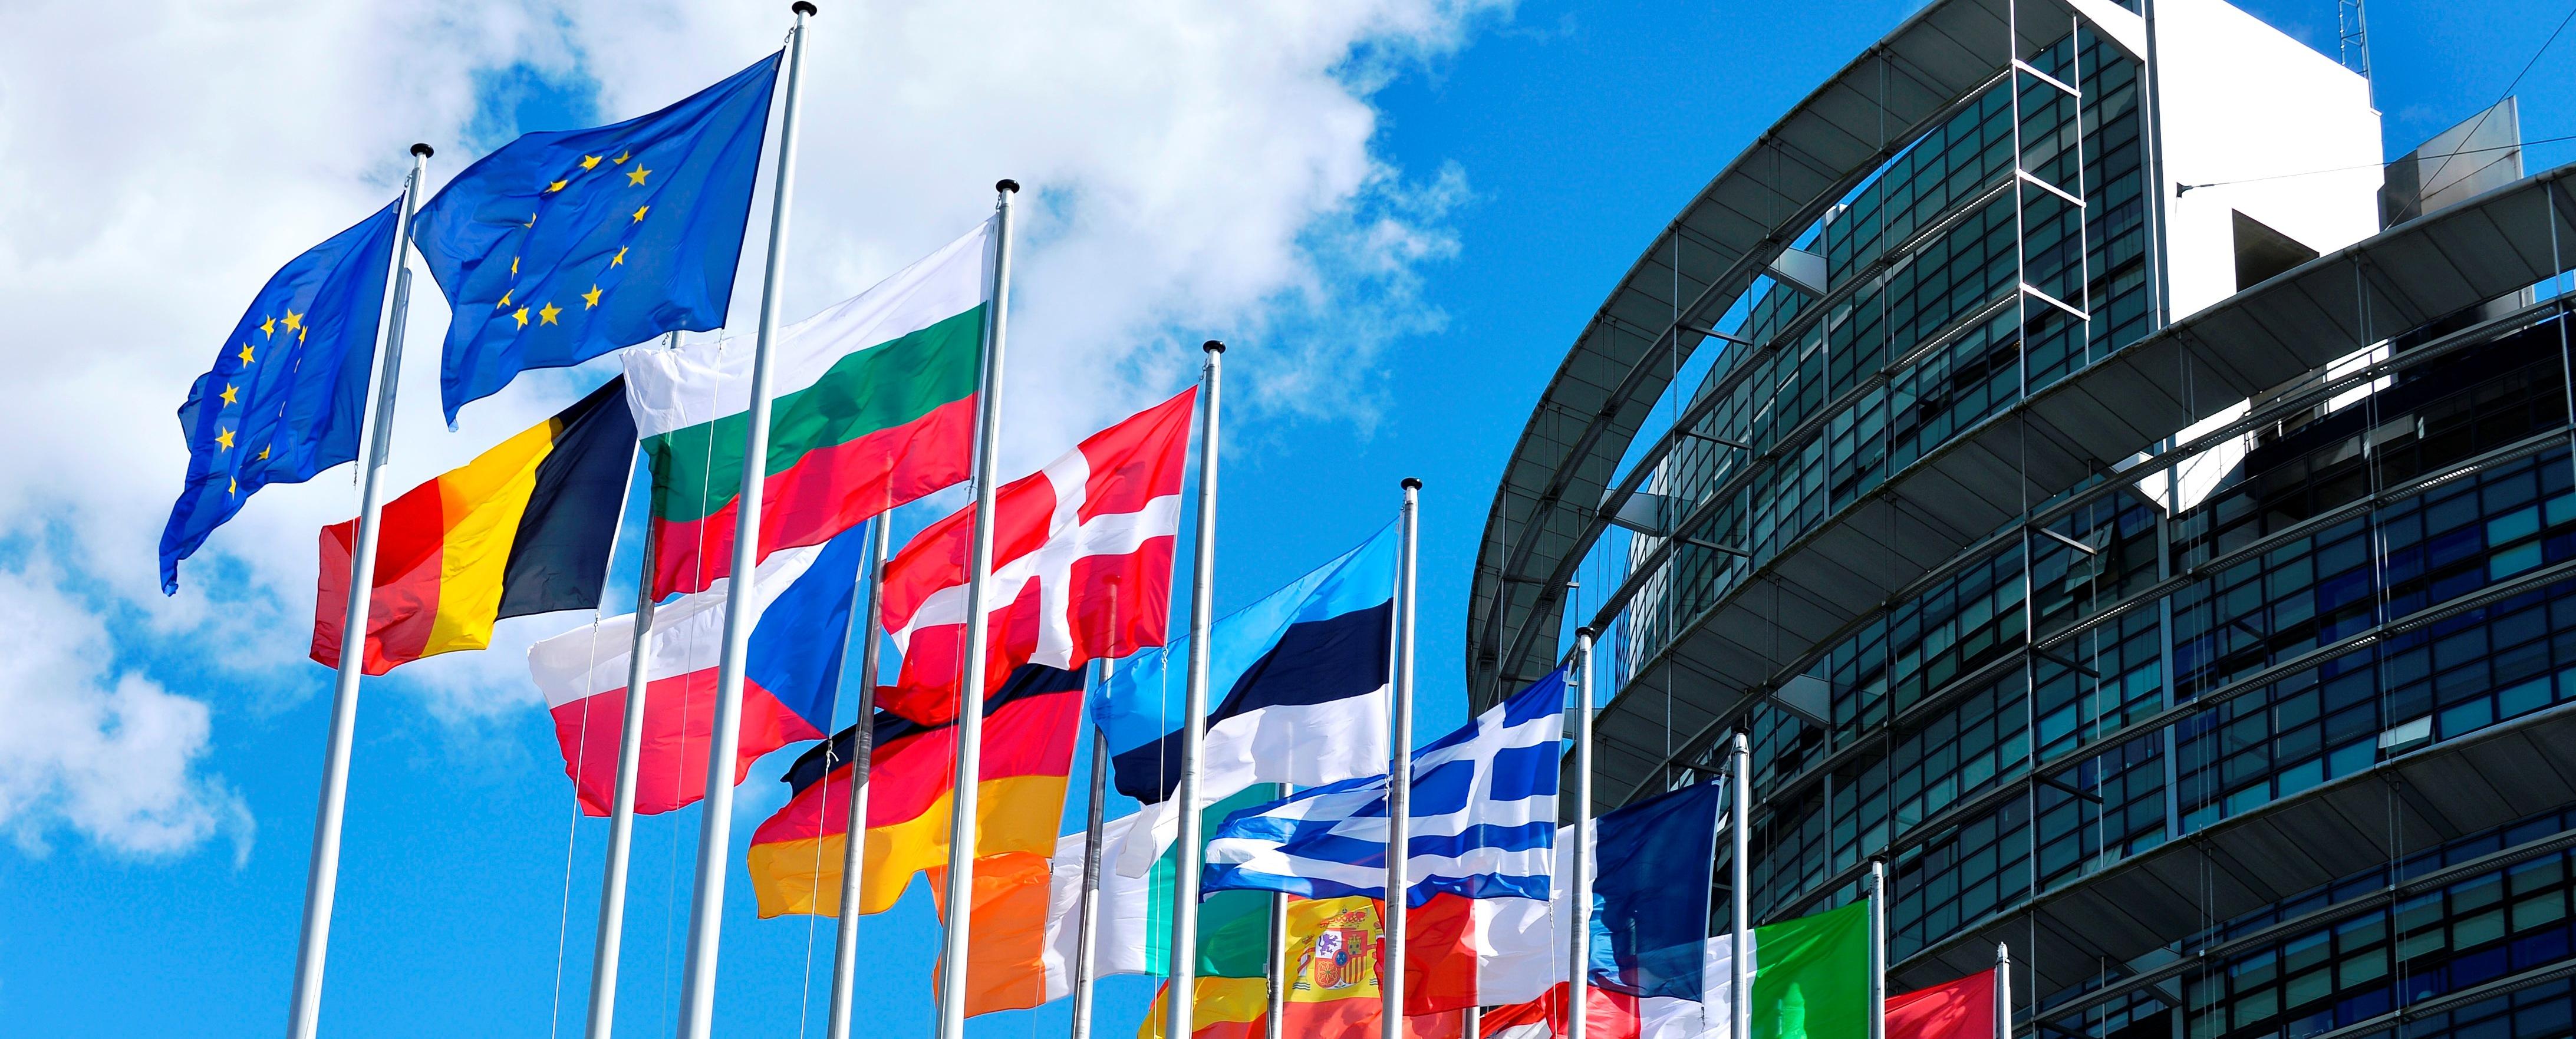 509cfbcd6b4d ... les peuples européens affichent leur volonté de consolider la paix, et  de s'entraider, afin d'éviter de nouvelles crises économiques  catastrophiques.